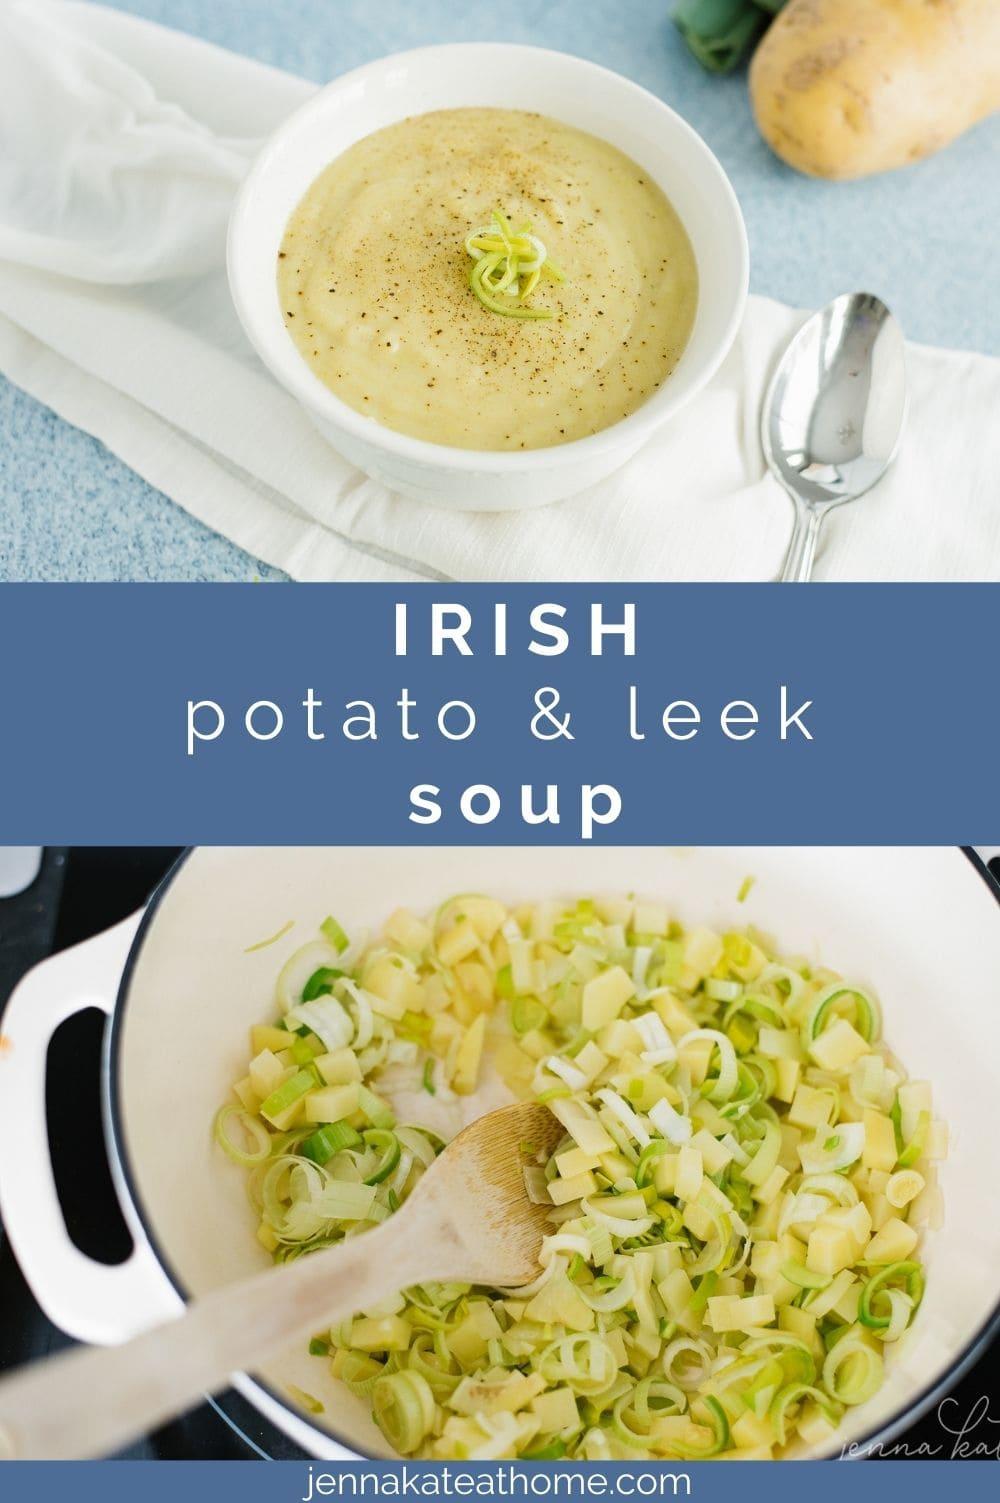 Irish potato and leek soup pin